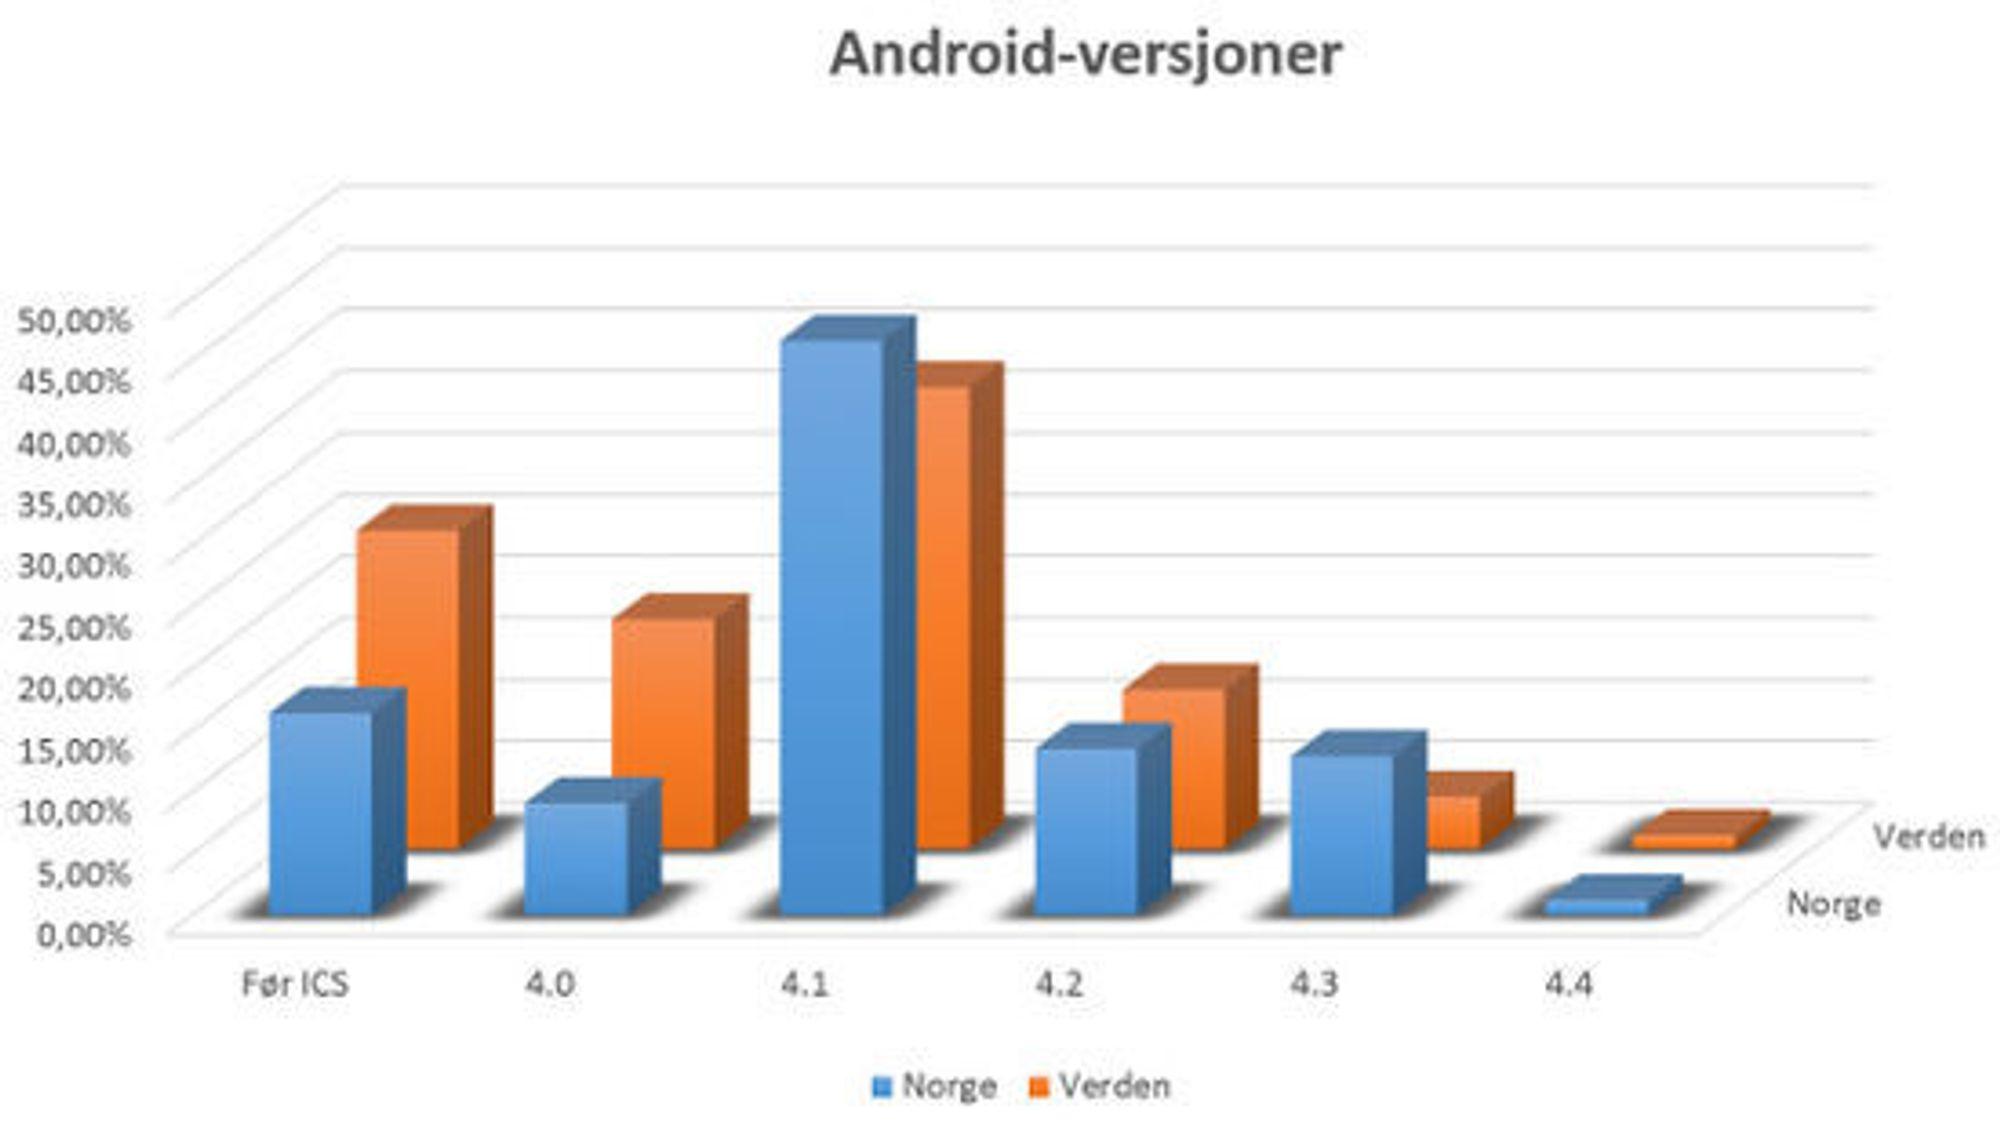 Setter vi disse tallene opp mot hverandre, ser vi at versjoner i bruk i Norge generelt ligger et stykke foran snittet. Et flertall benytter v4.1, Jelly Bean, mens snittet på verdensbasis er mer spredt blant eldre versjoner.